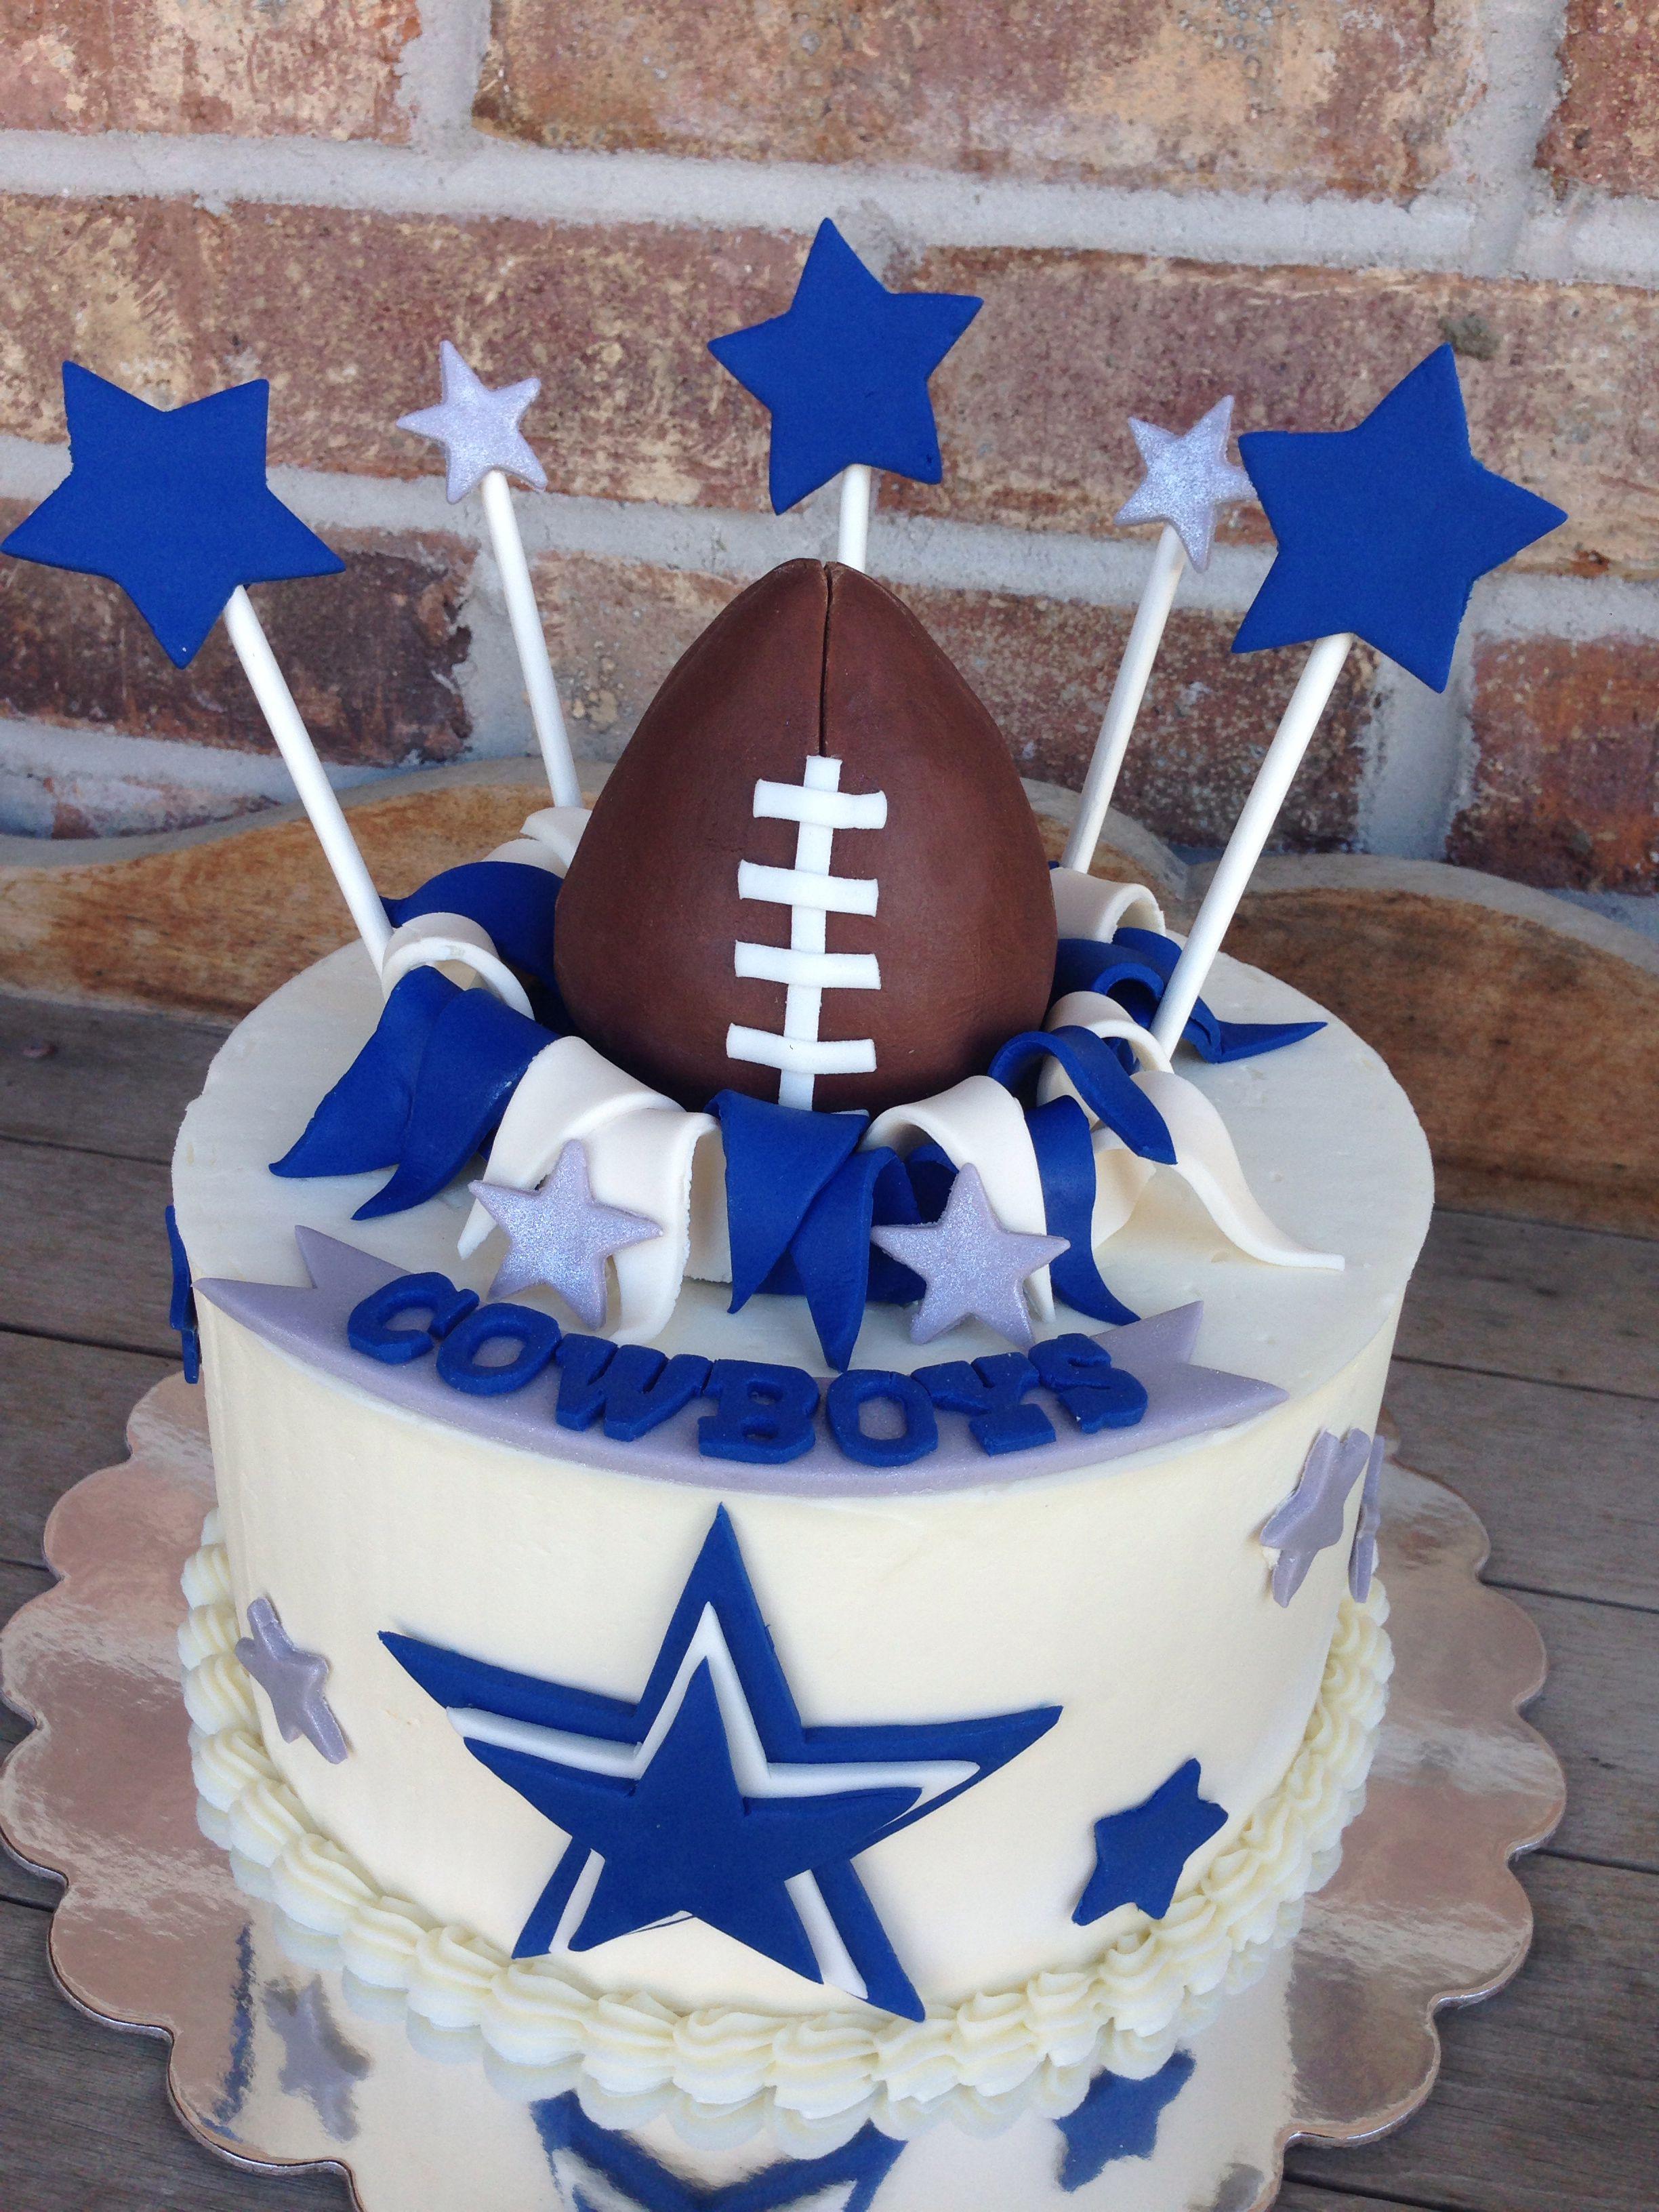 Happy Birthday Kim Cakes Dallas Cowboys